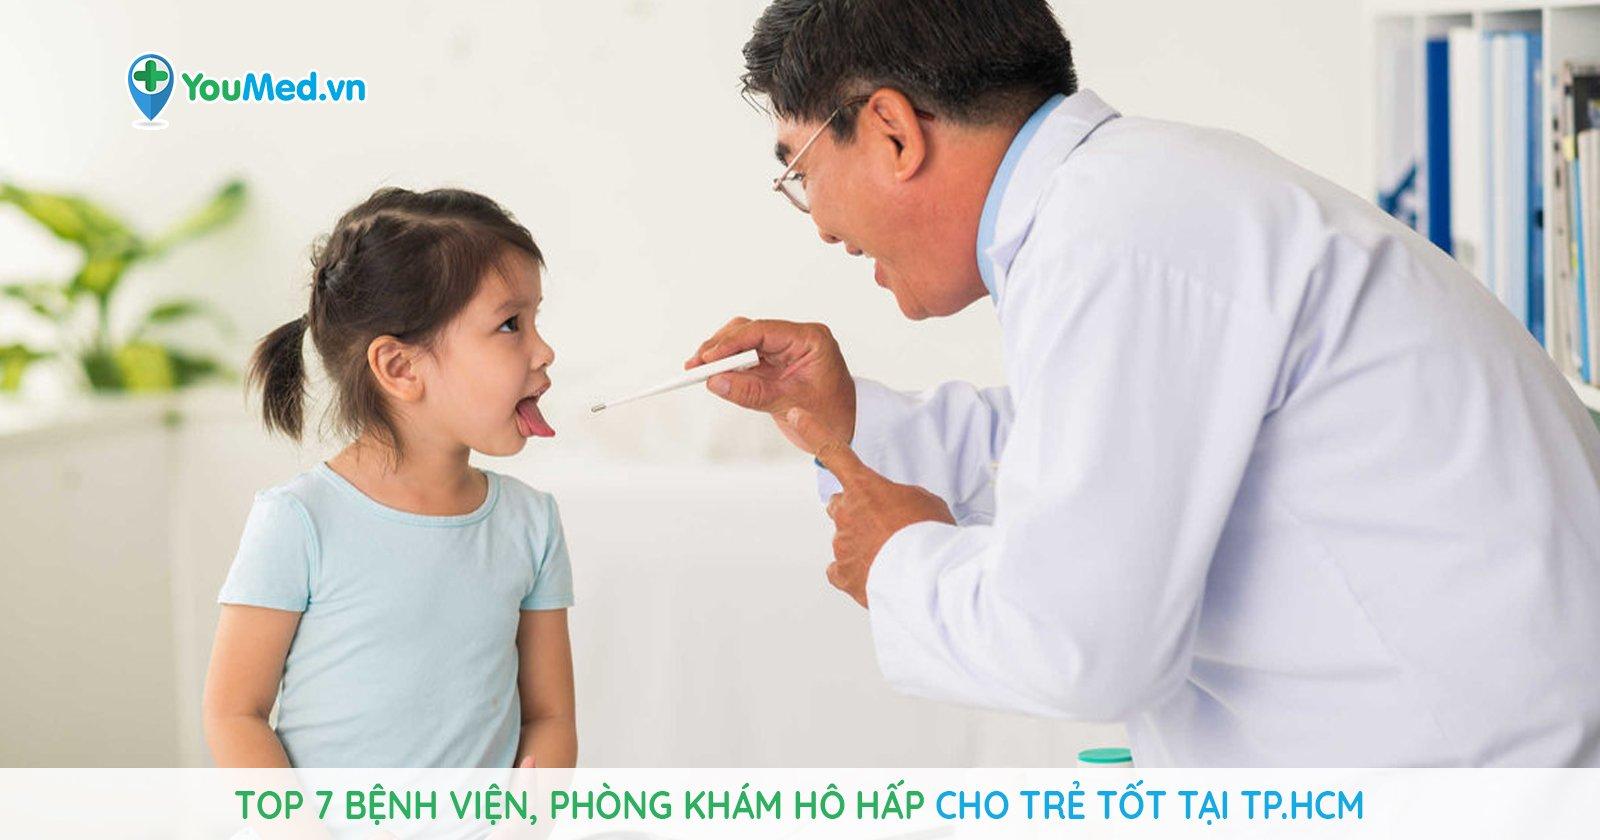 Top 7 bệnh viện, phòng khám khám hô hấp cho trẻ tốt tại TPHCM